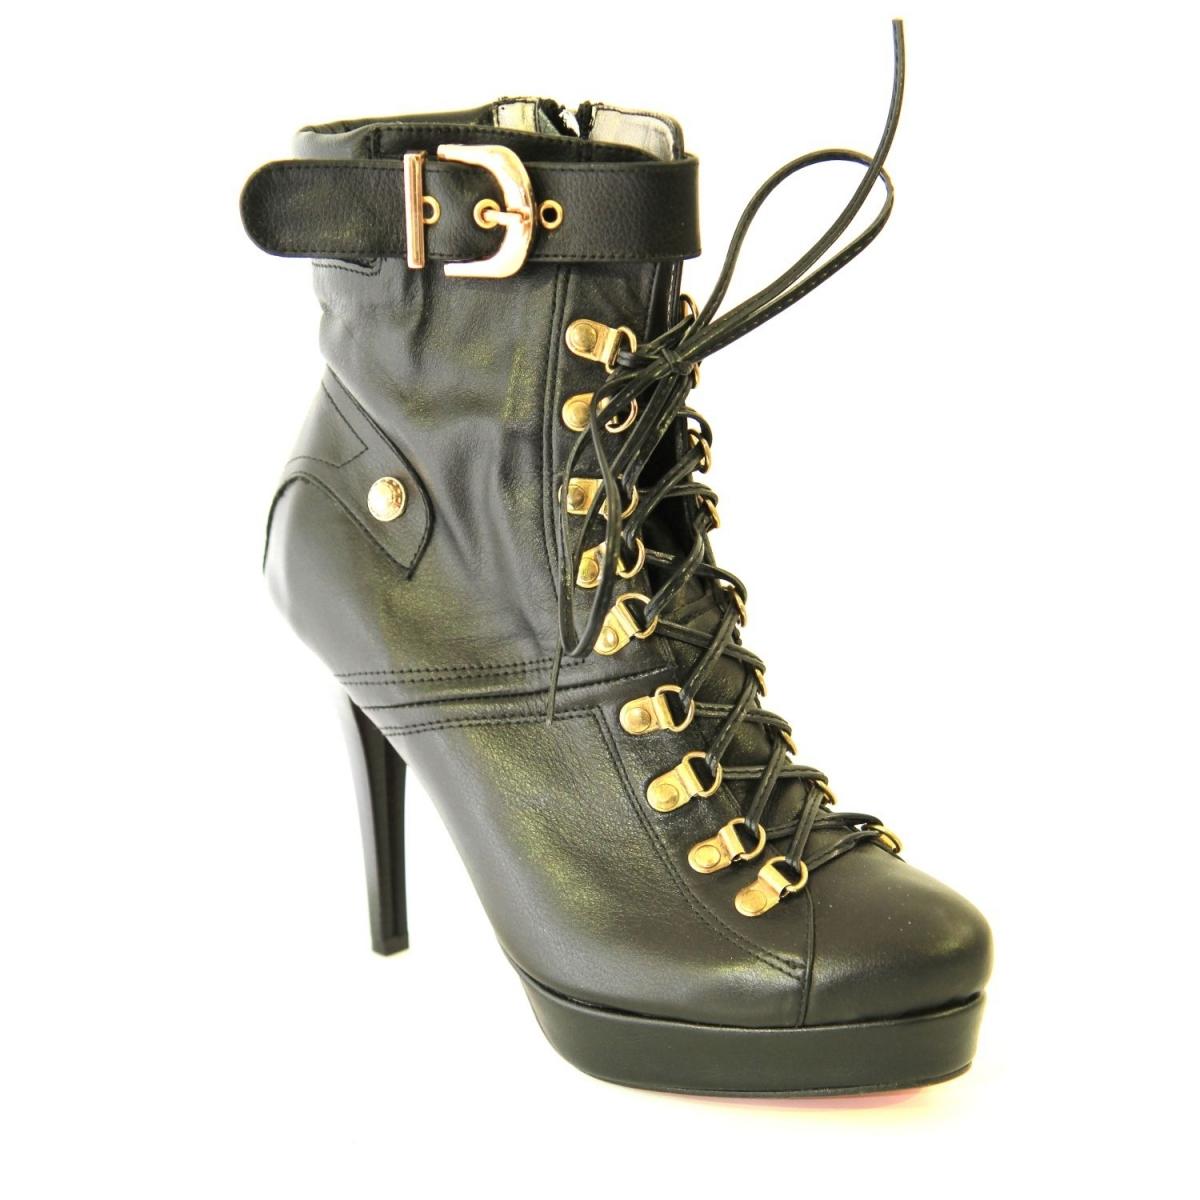 CALISTA 017 CIERNE-Kotníkové topánky čiernej farby TK  561badee261